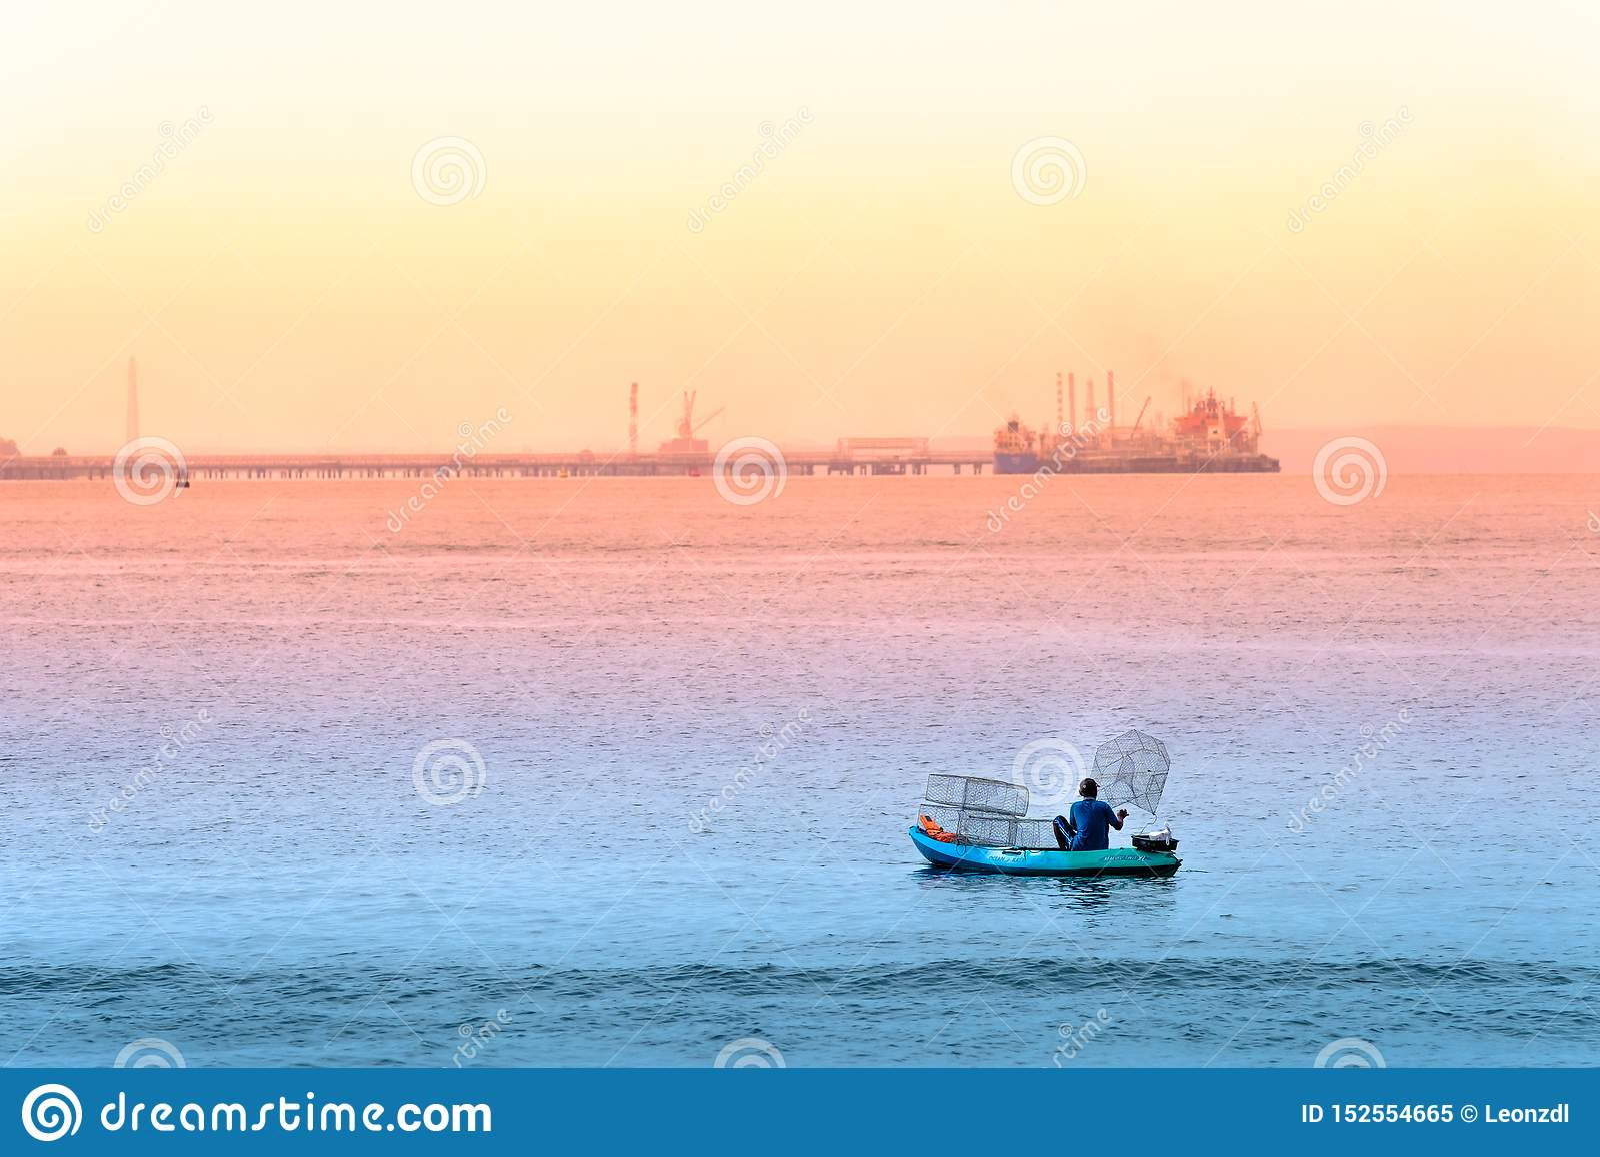 Singapore-29 JUN 2019: De visser vist in het overzees door kooien te plaatsen